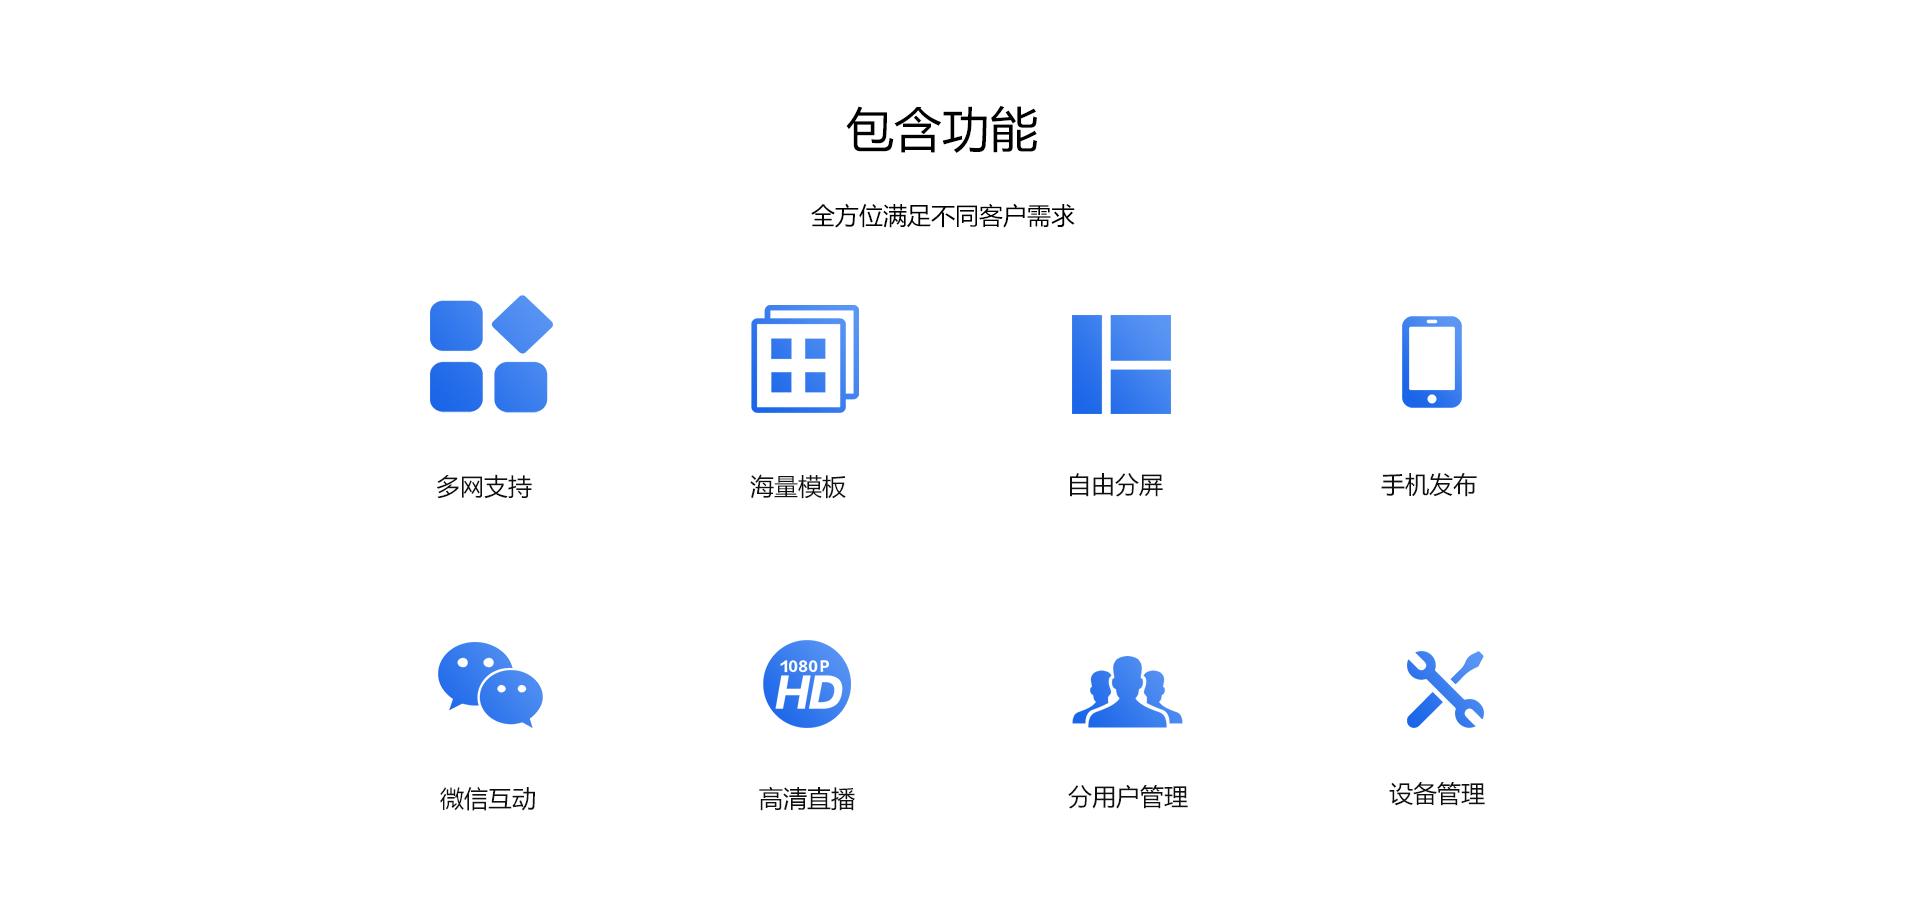 云标物联多媒体广告信息发布系统,400-168-1191